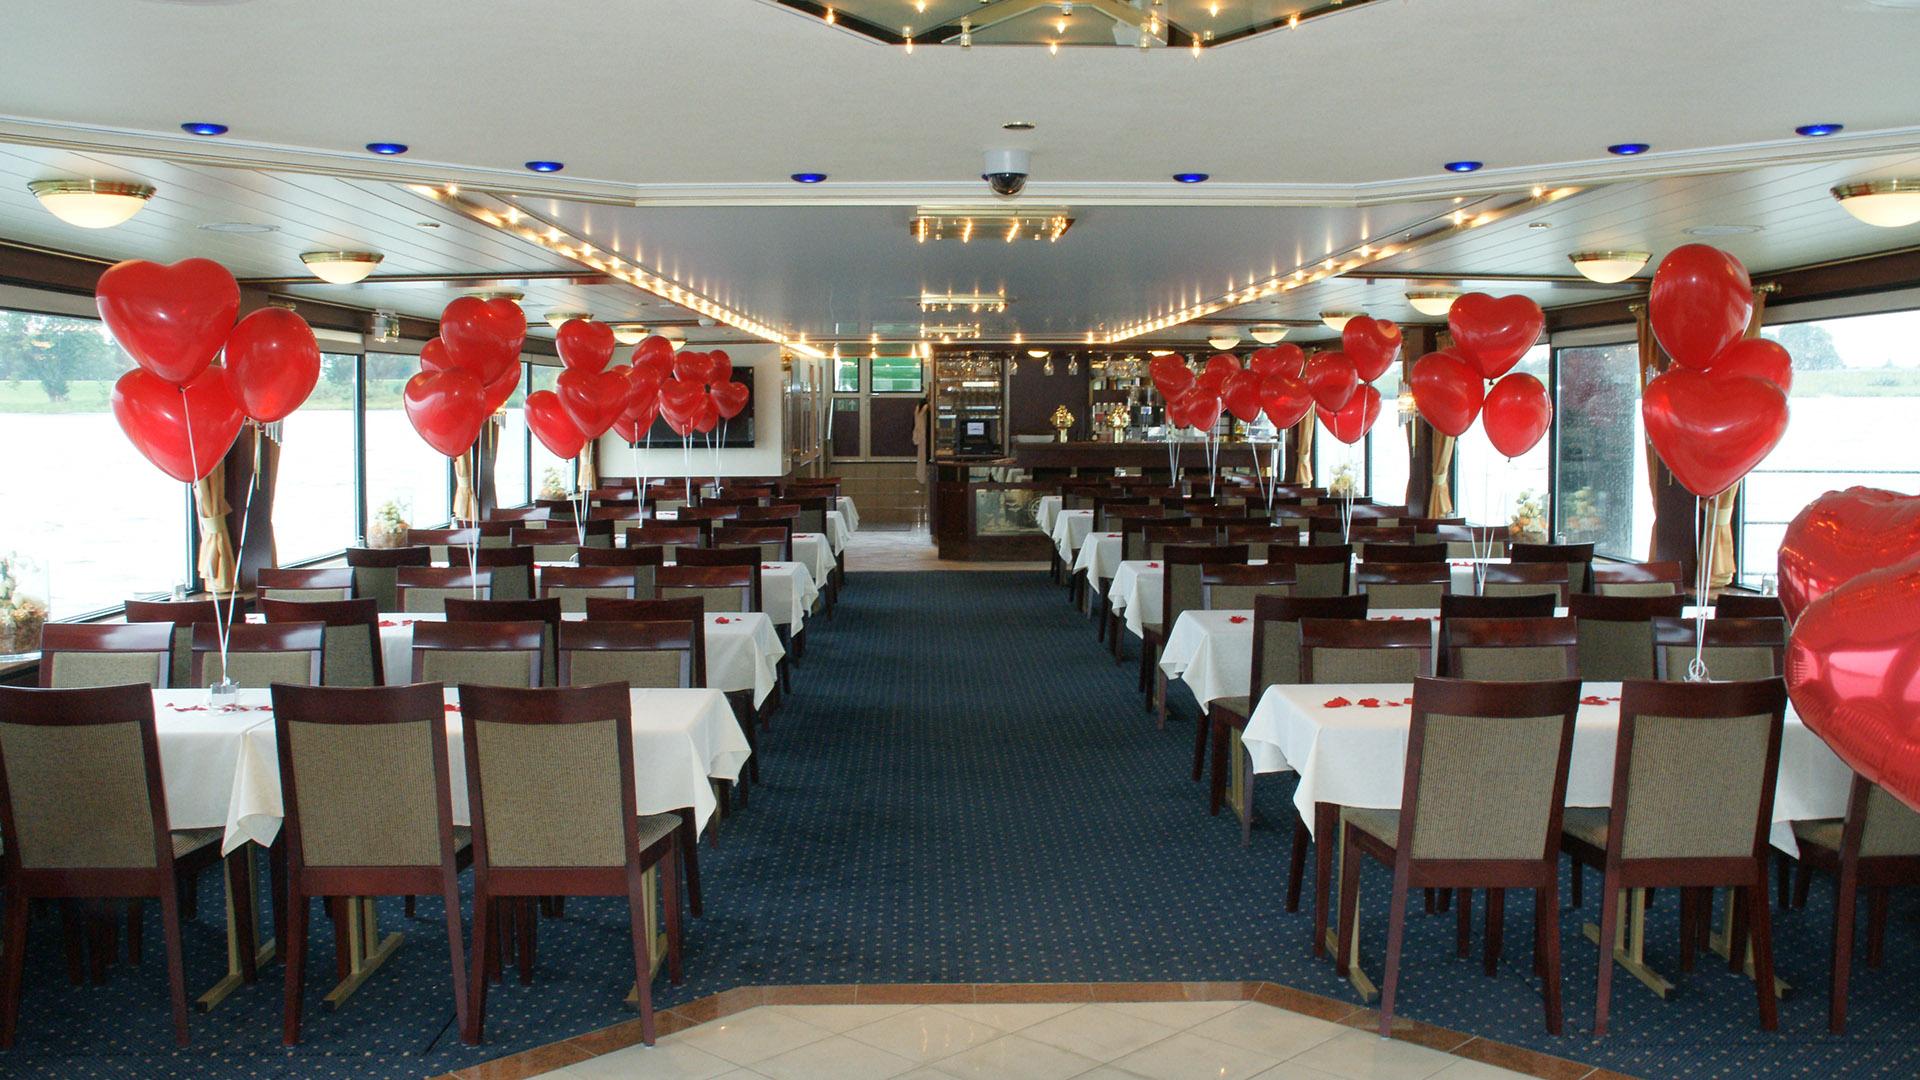 Hochzeitsdekoration an Bord